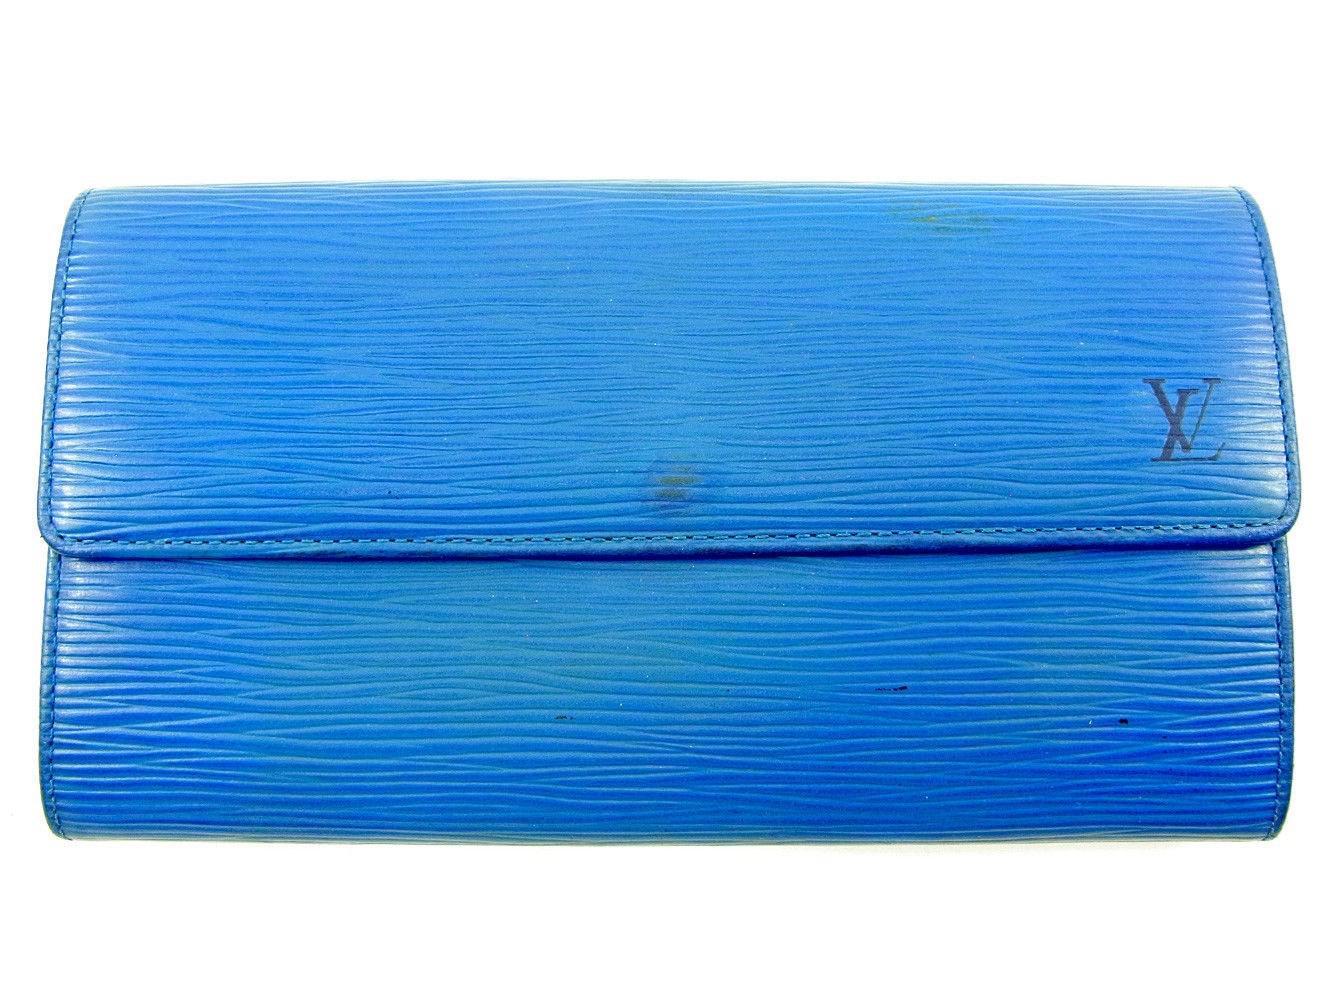 ef6755e4e745 Lyst - Louis Vuitton Wallet Purse Epi Women  s Men  s Used T3809 in Blue